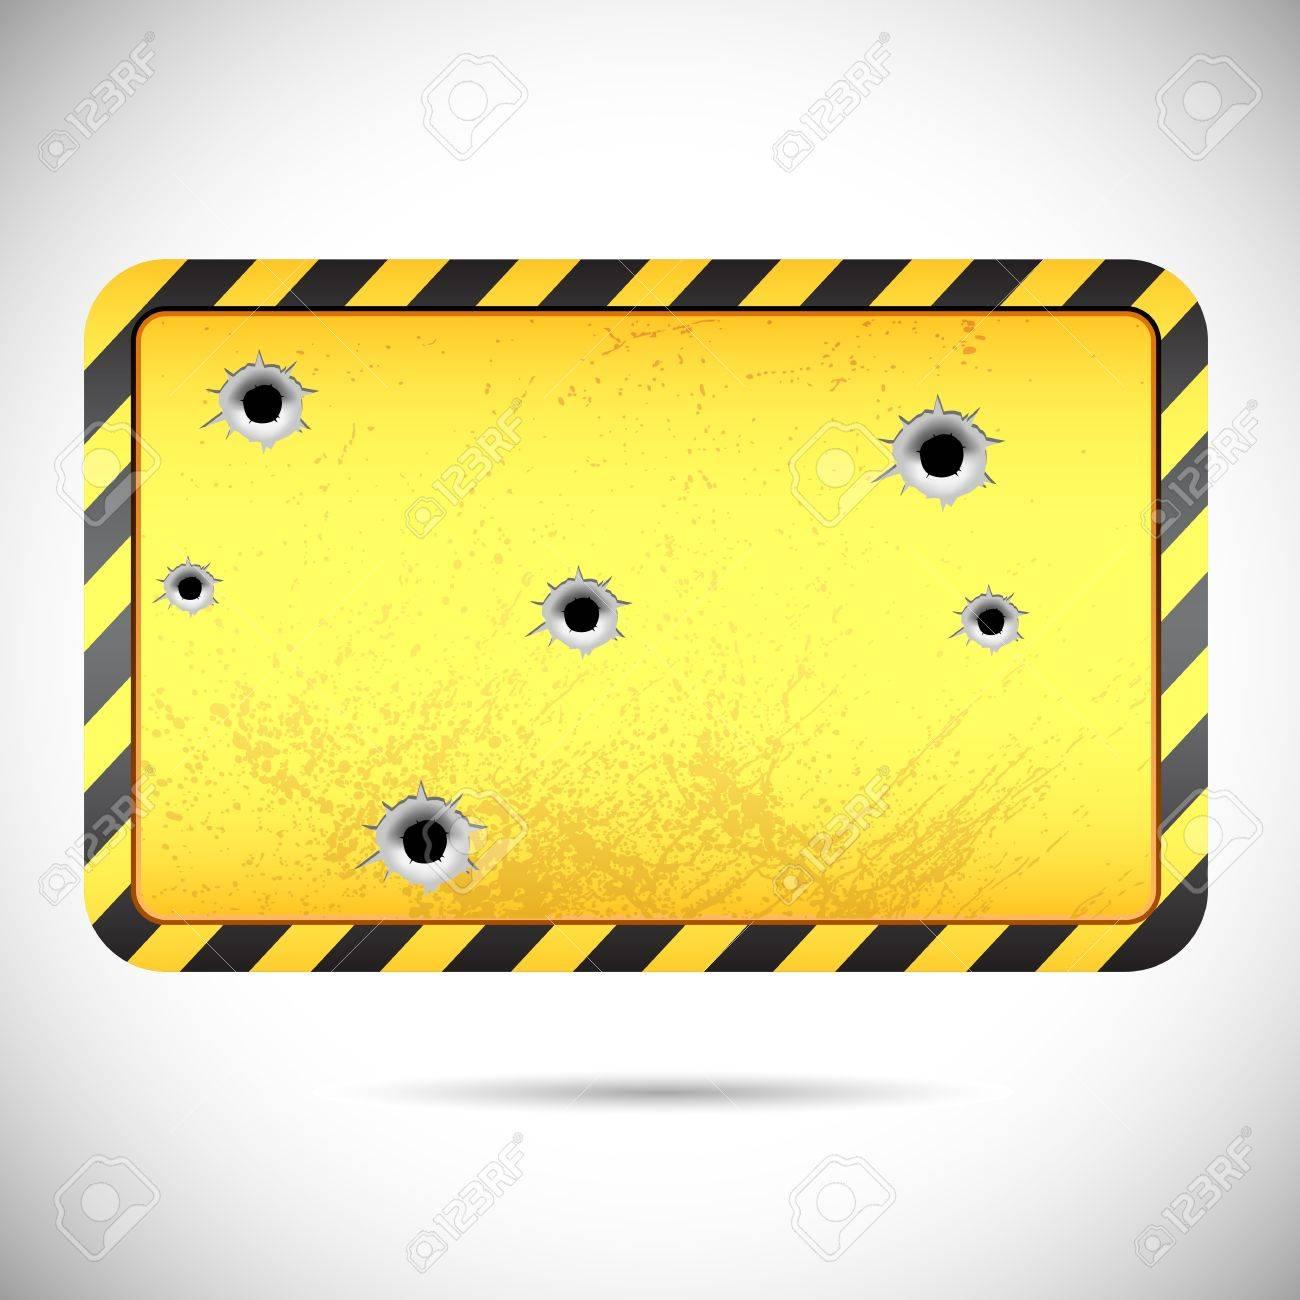 vector illustration of bullet holes on hazard board Stock Vector - 13128709